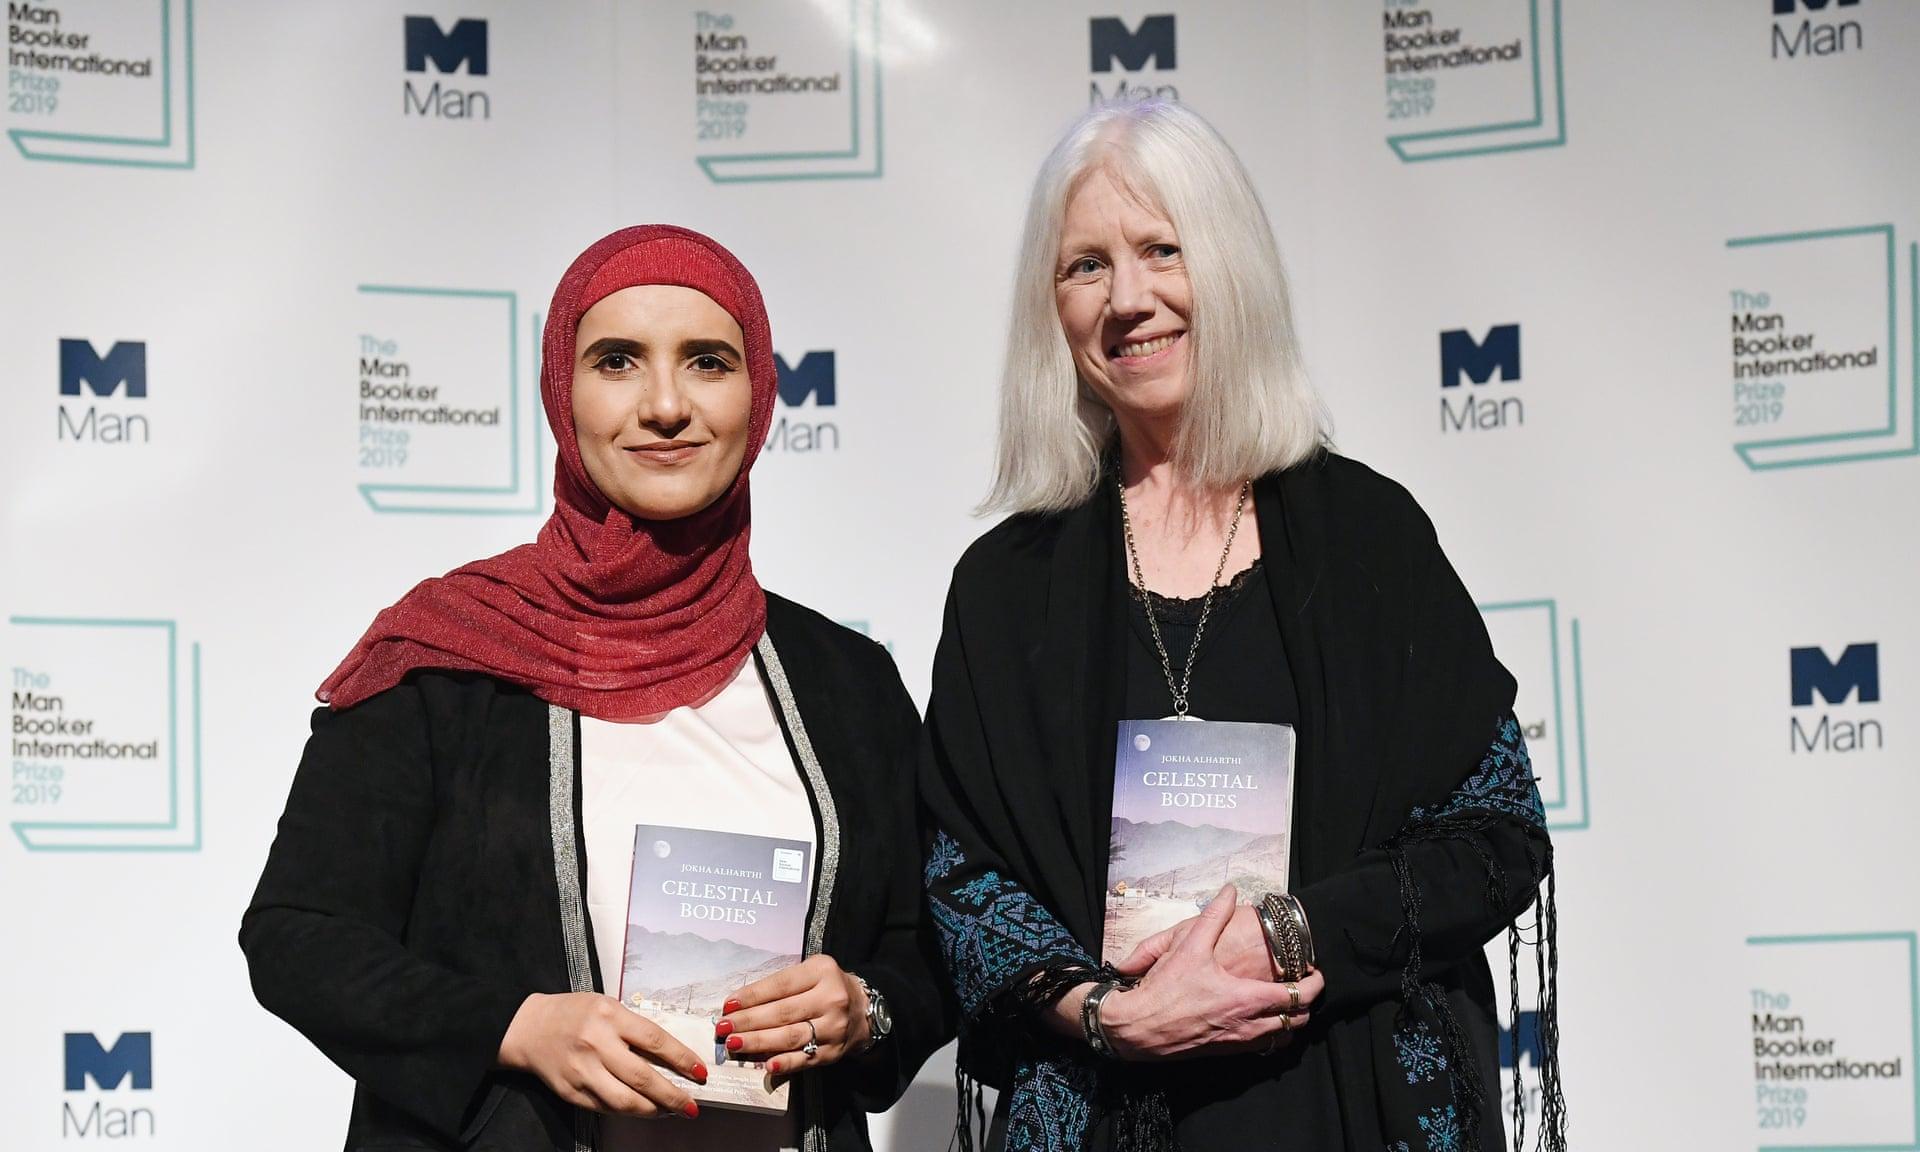 Tarptautinė Bukerio premija skirta rašytojai iš Omano